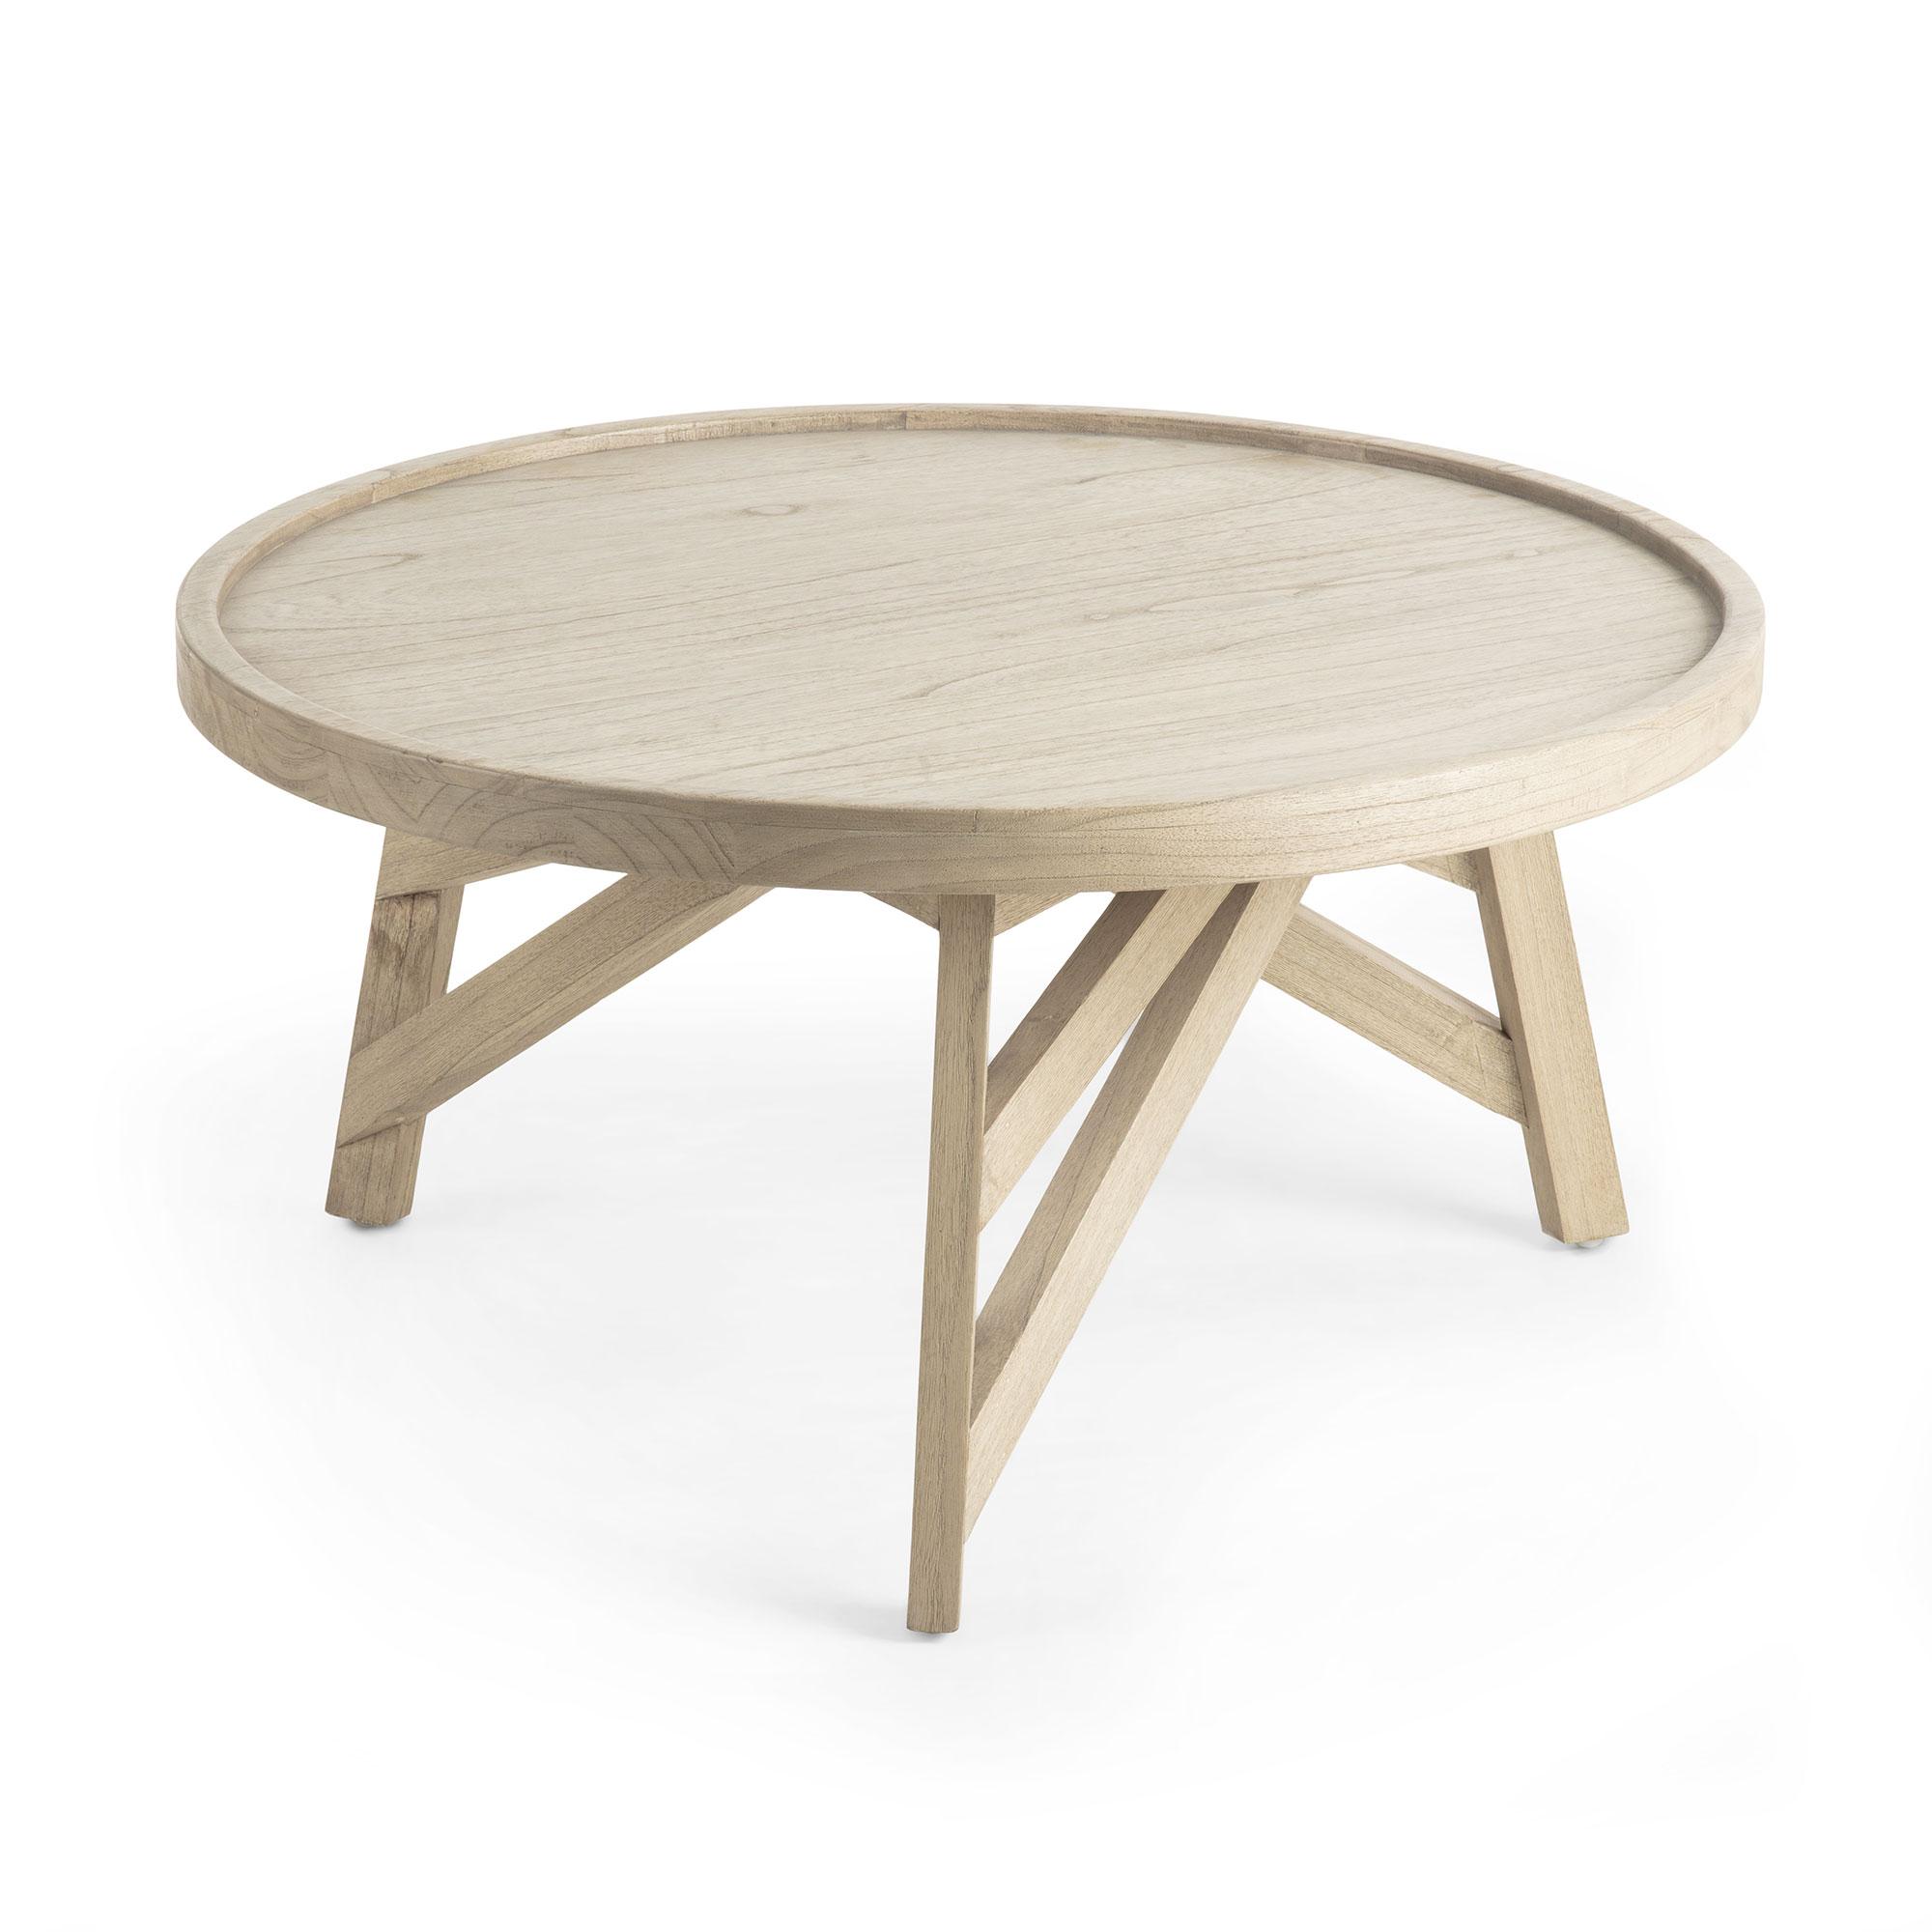 laforma Laforma thais sofabord - grå minditræ, rund (ø80) på boboonline.dk